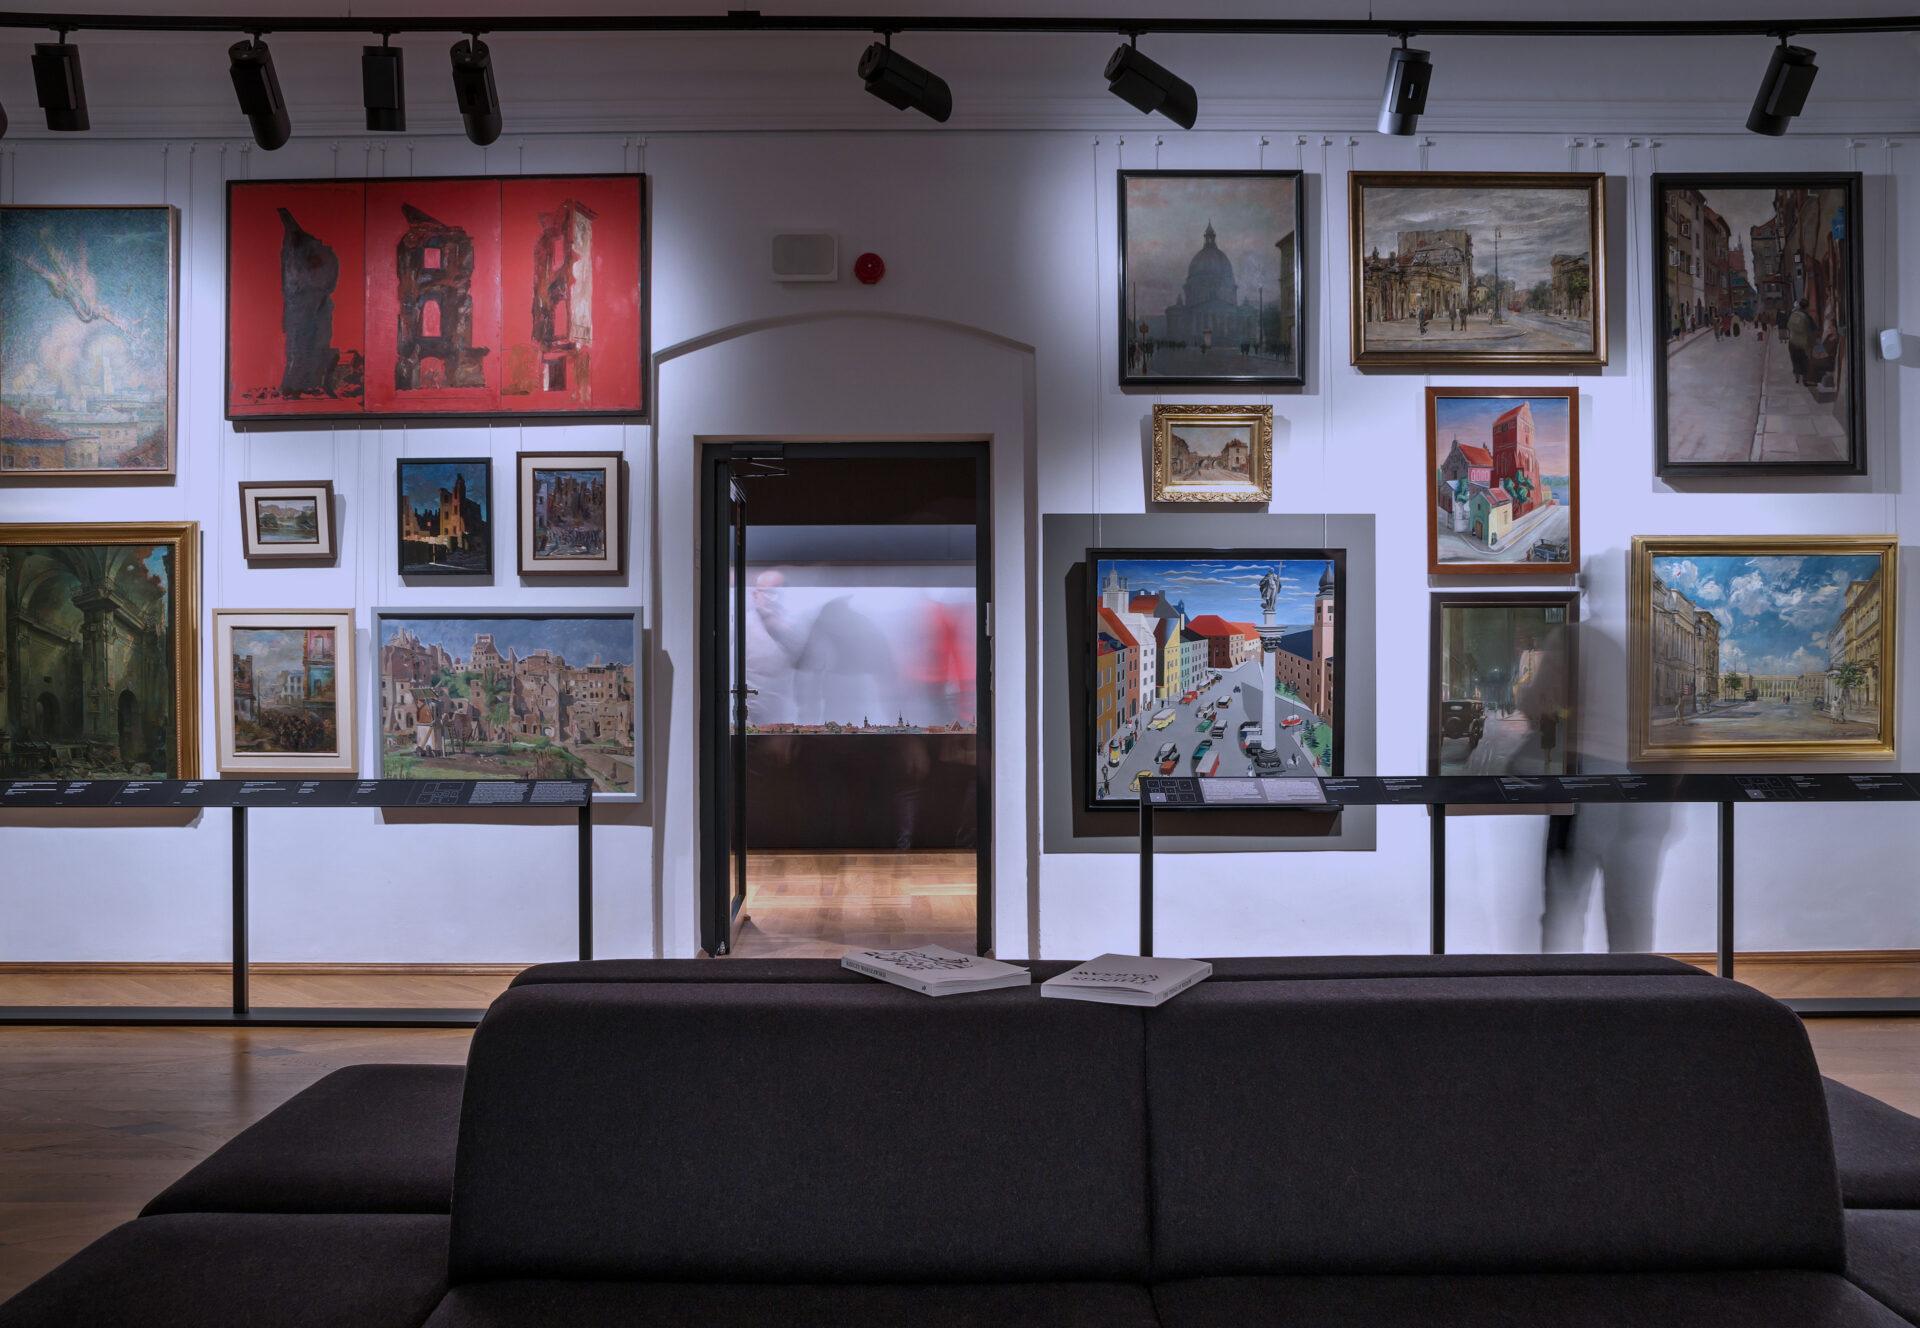 Zdjęcie gabinetu widoków Warszawy. Na ścianach kilka rzędów obrazów